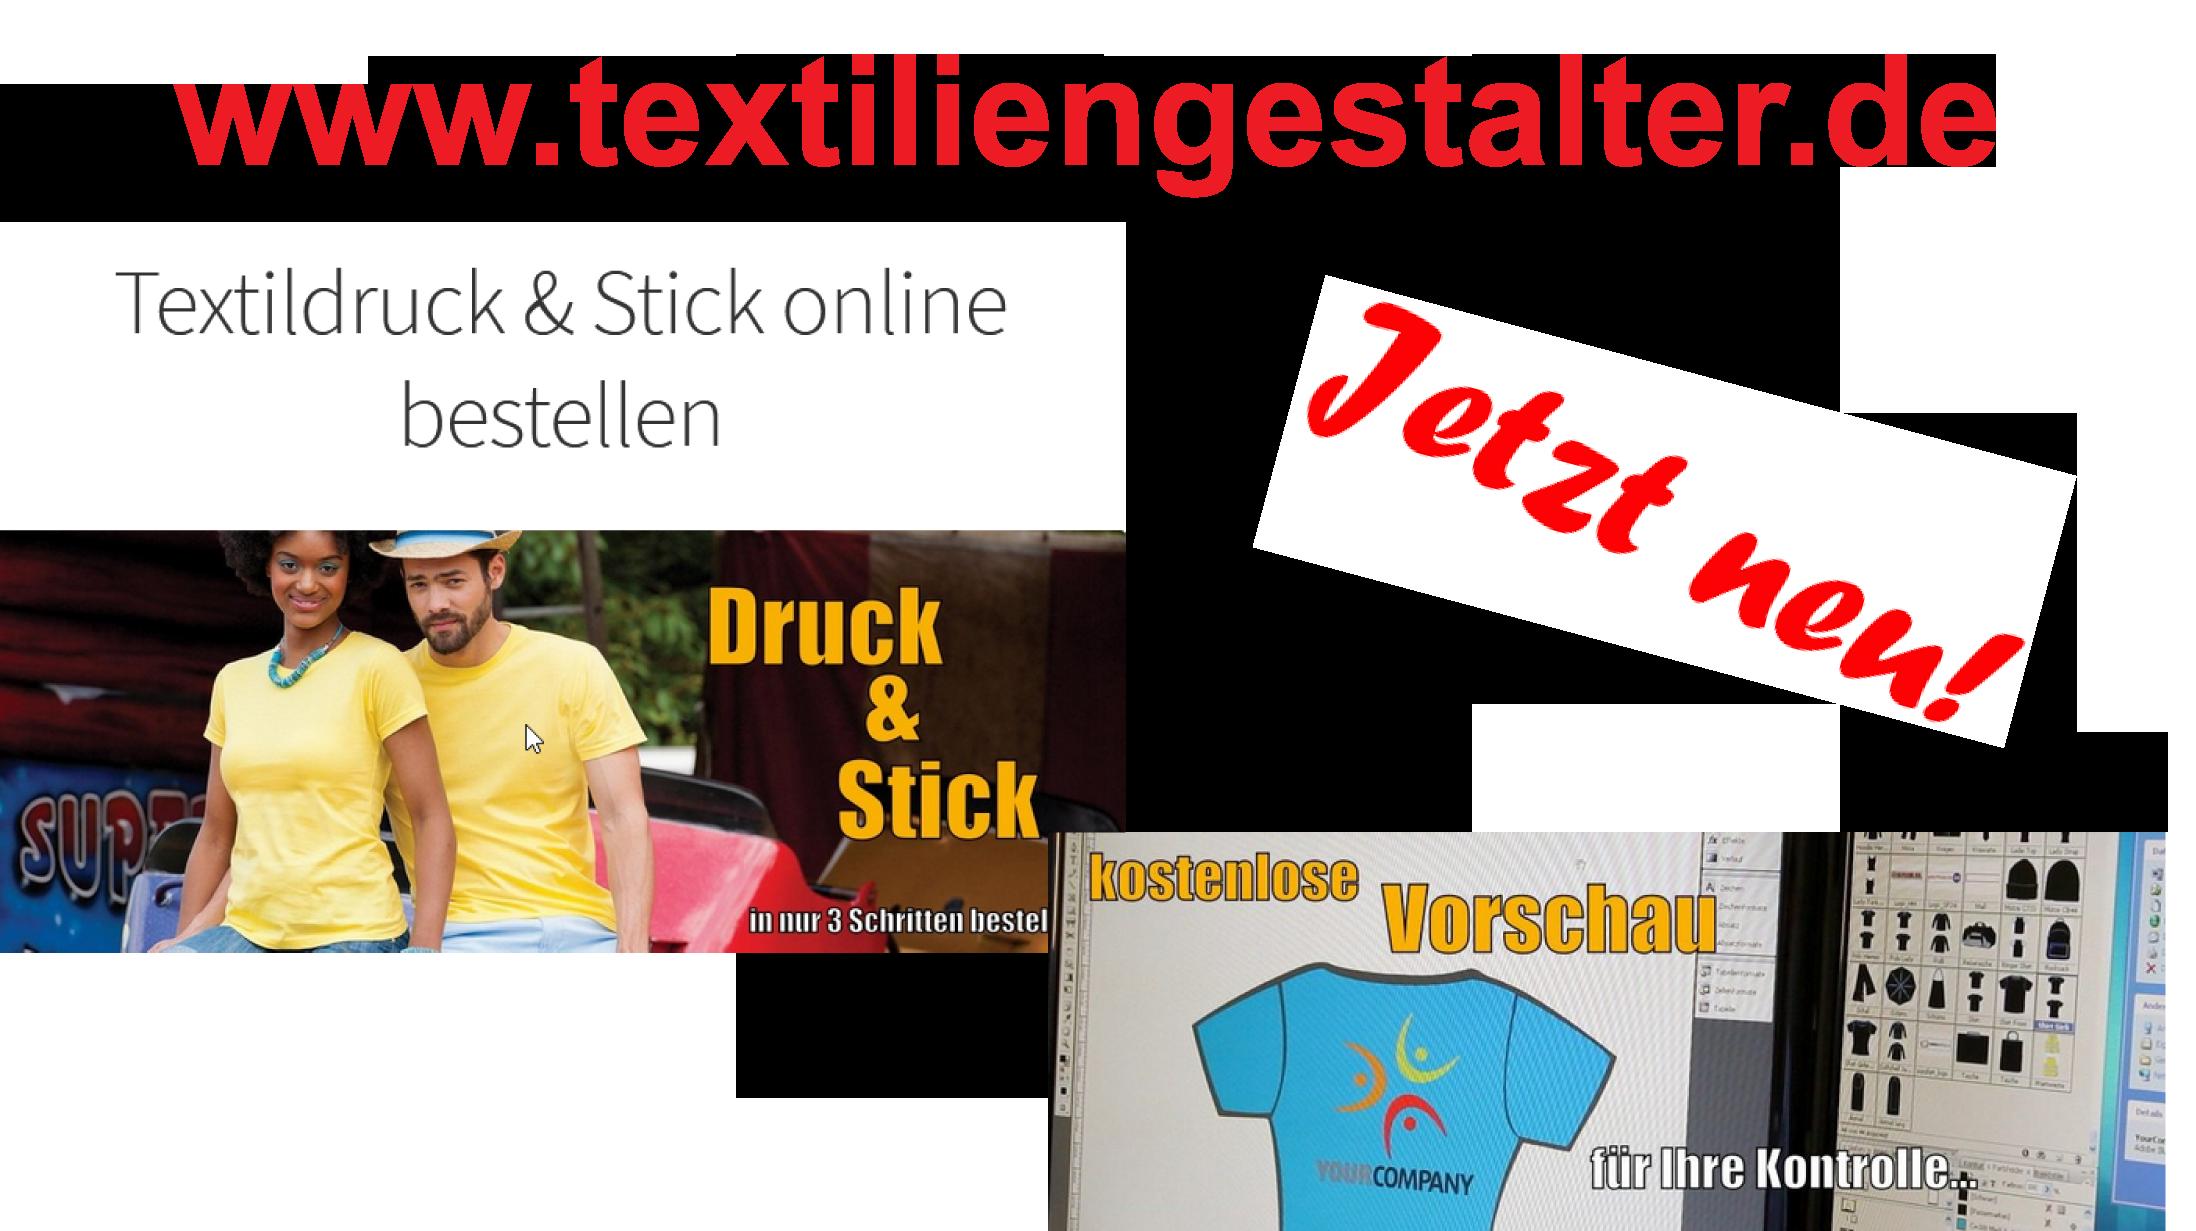 Textiliengestalter